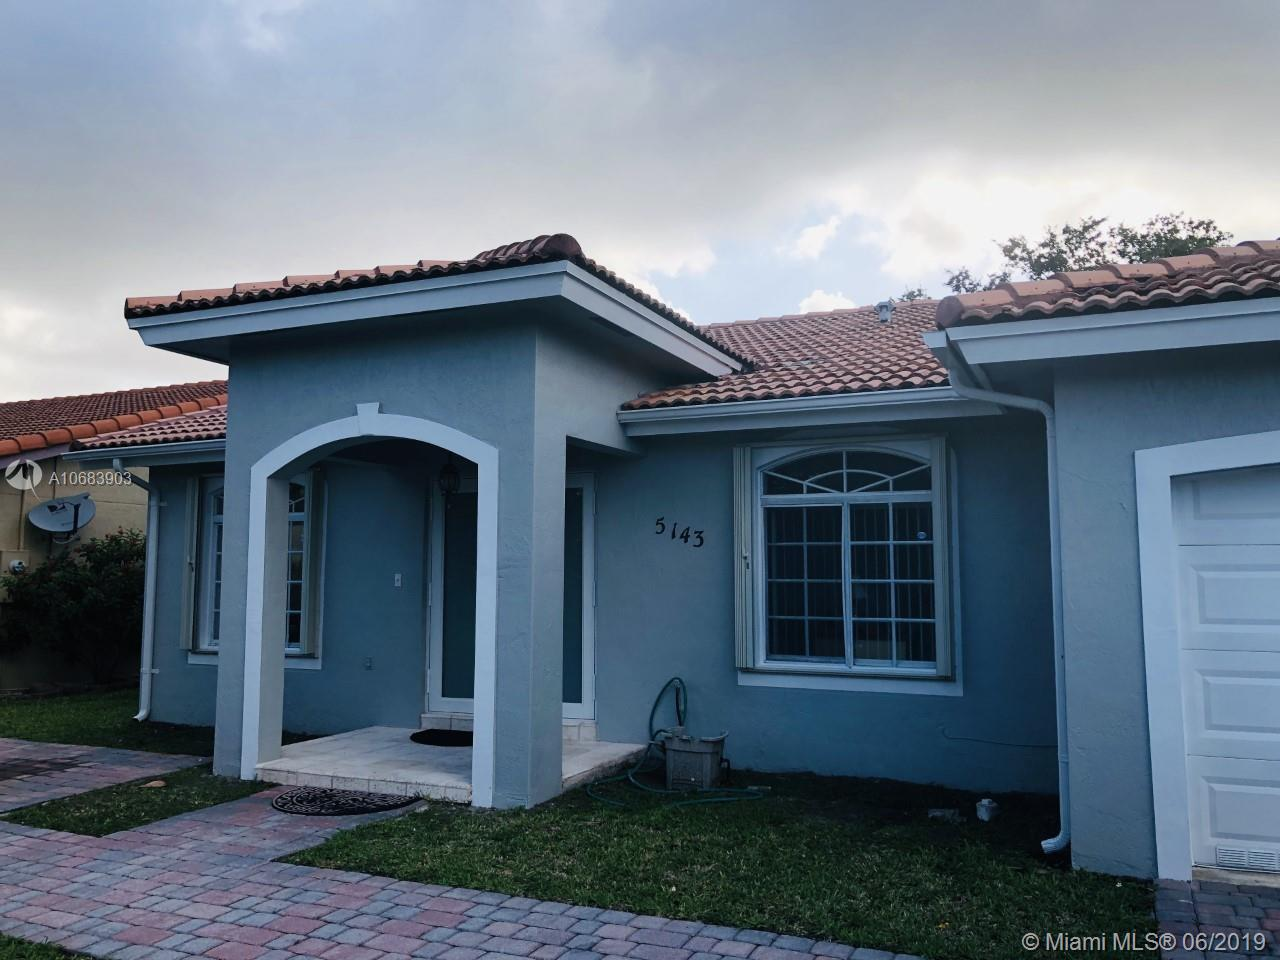 5143 SW XX, Miami, FL 33185